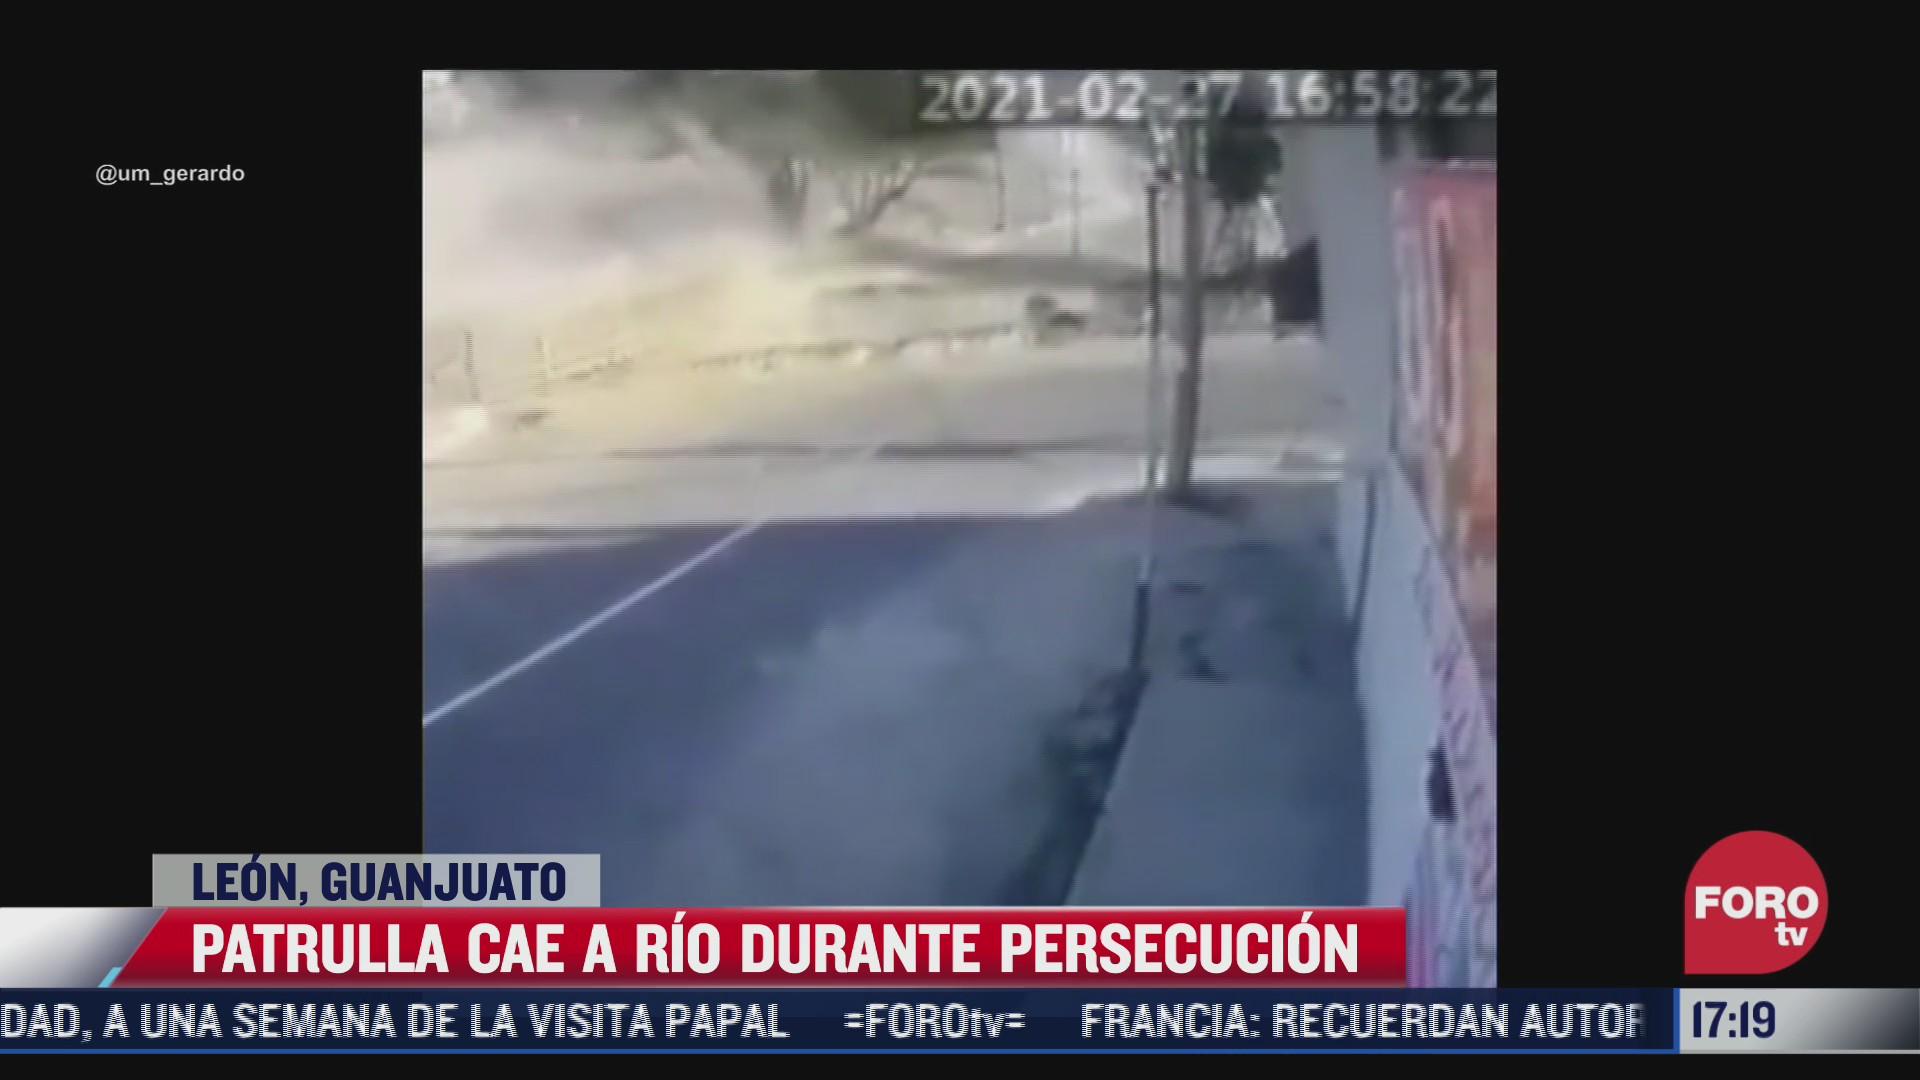 patrulla cae a rio durante persecucion en leon guanajuato